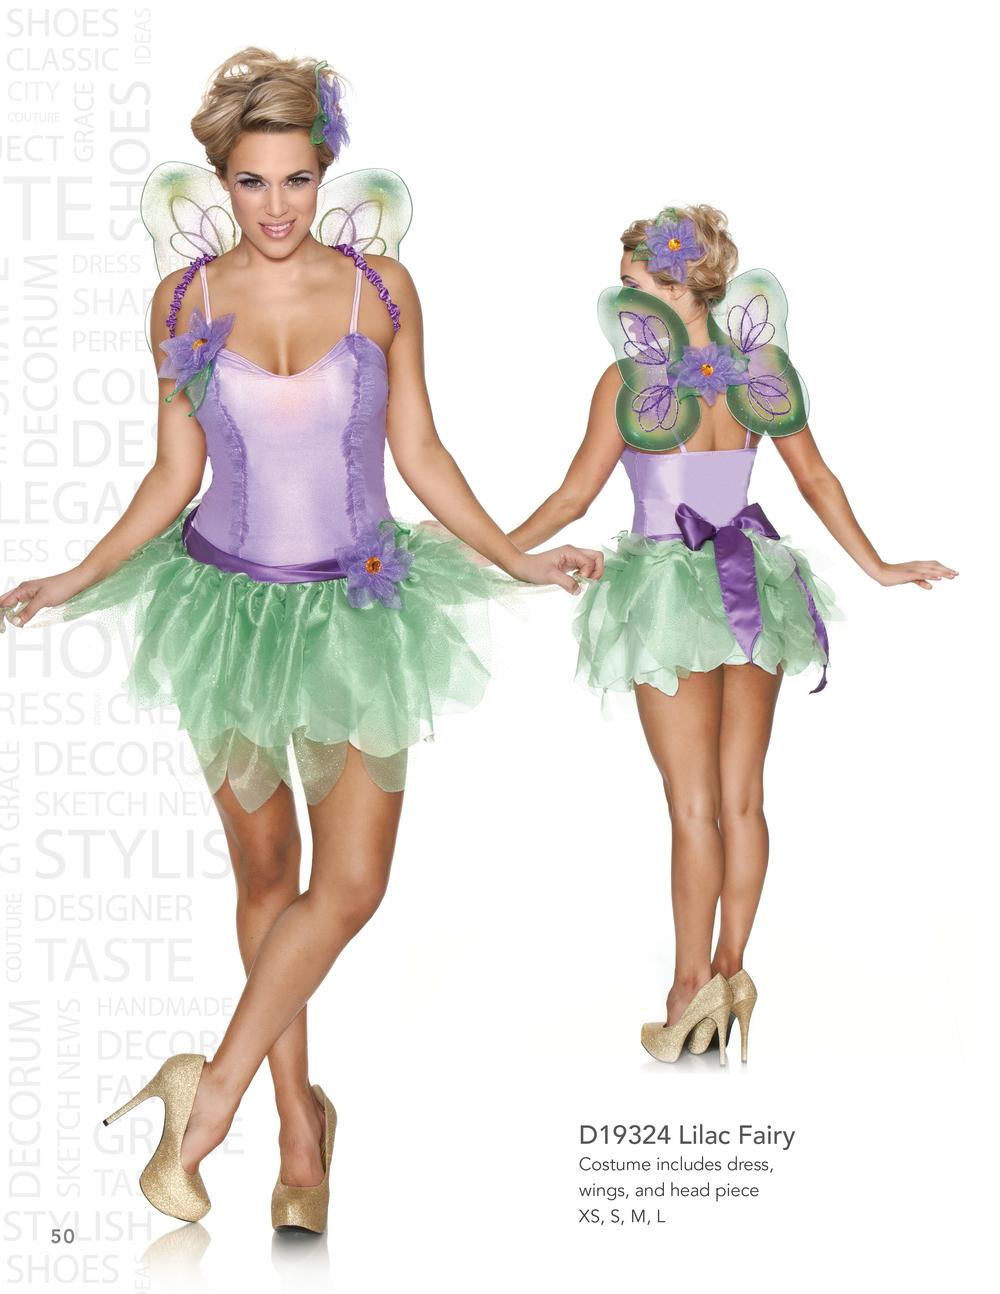 D19324 Lilac Fairy